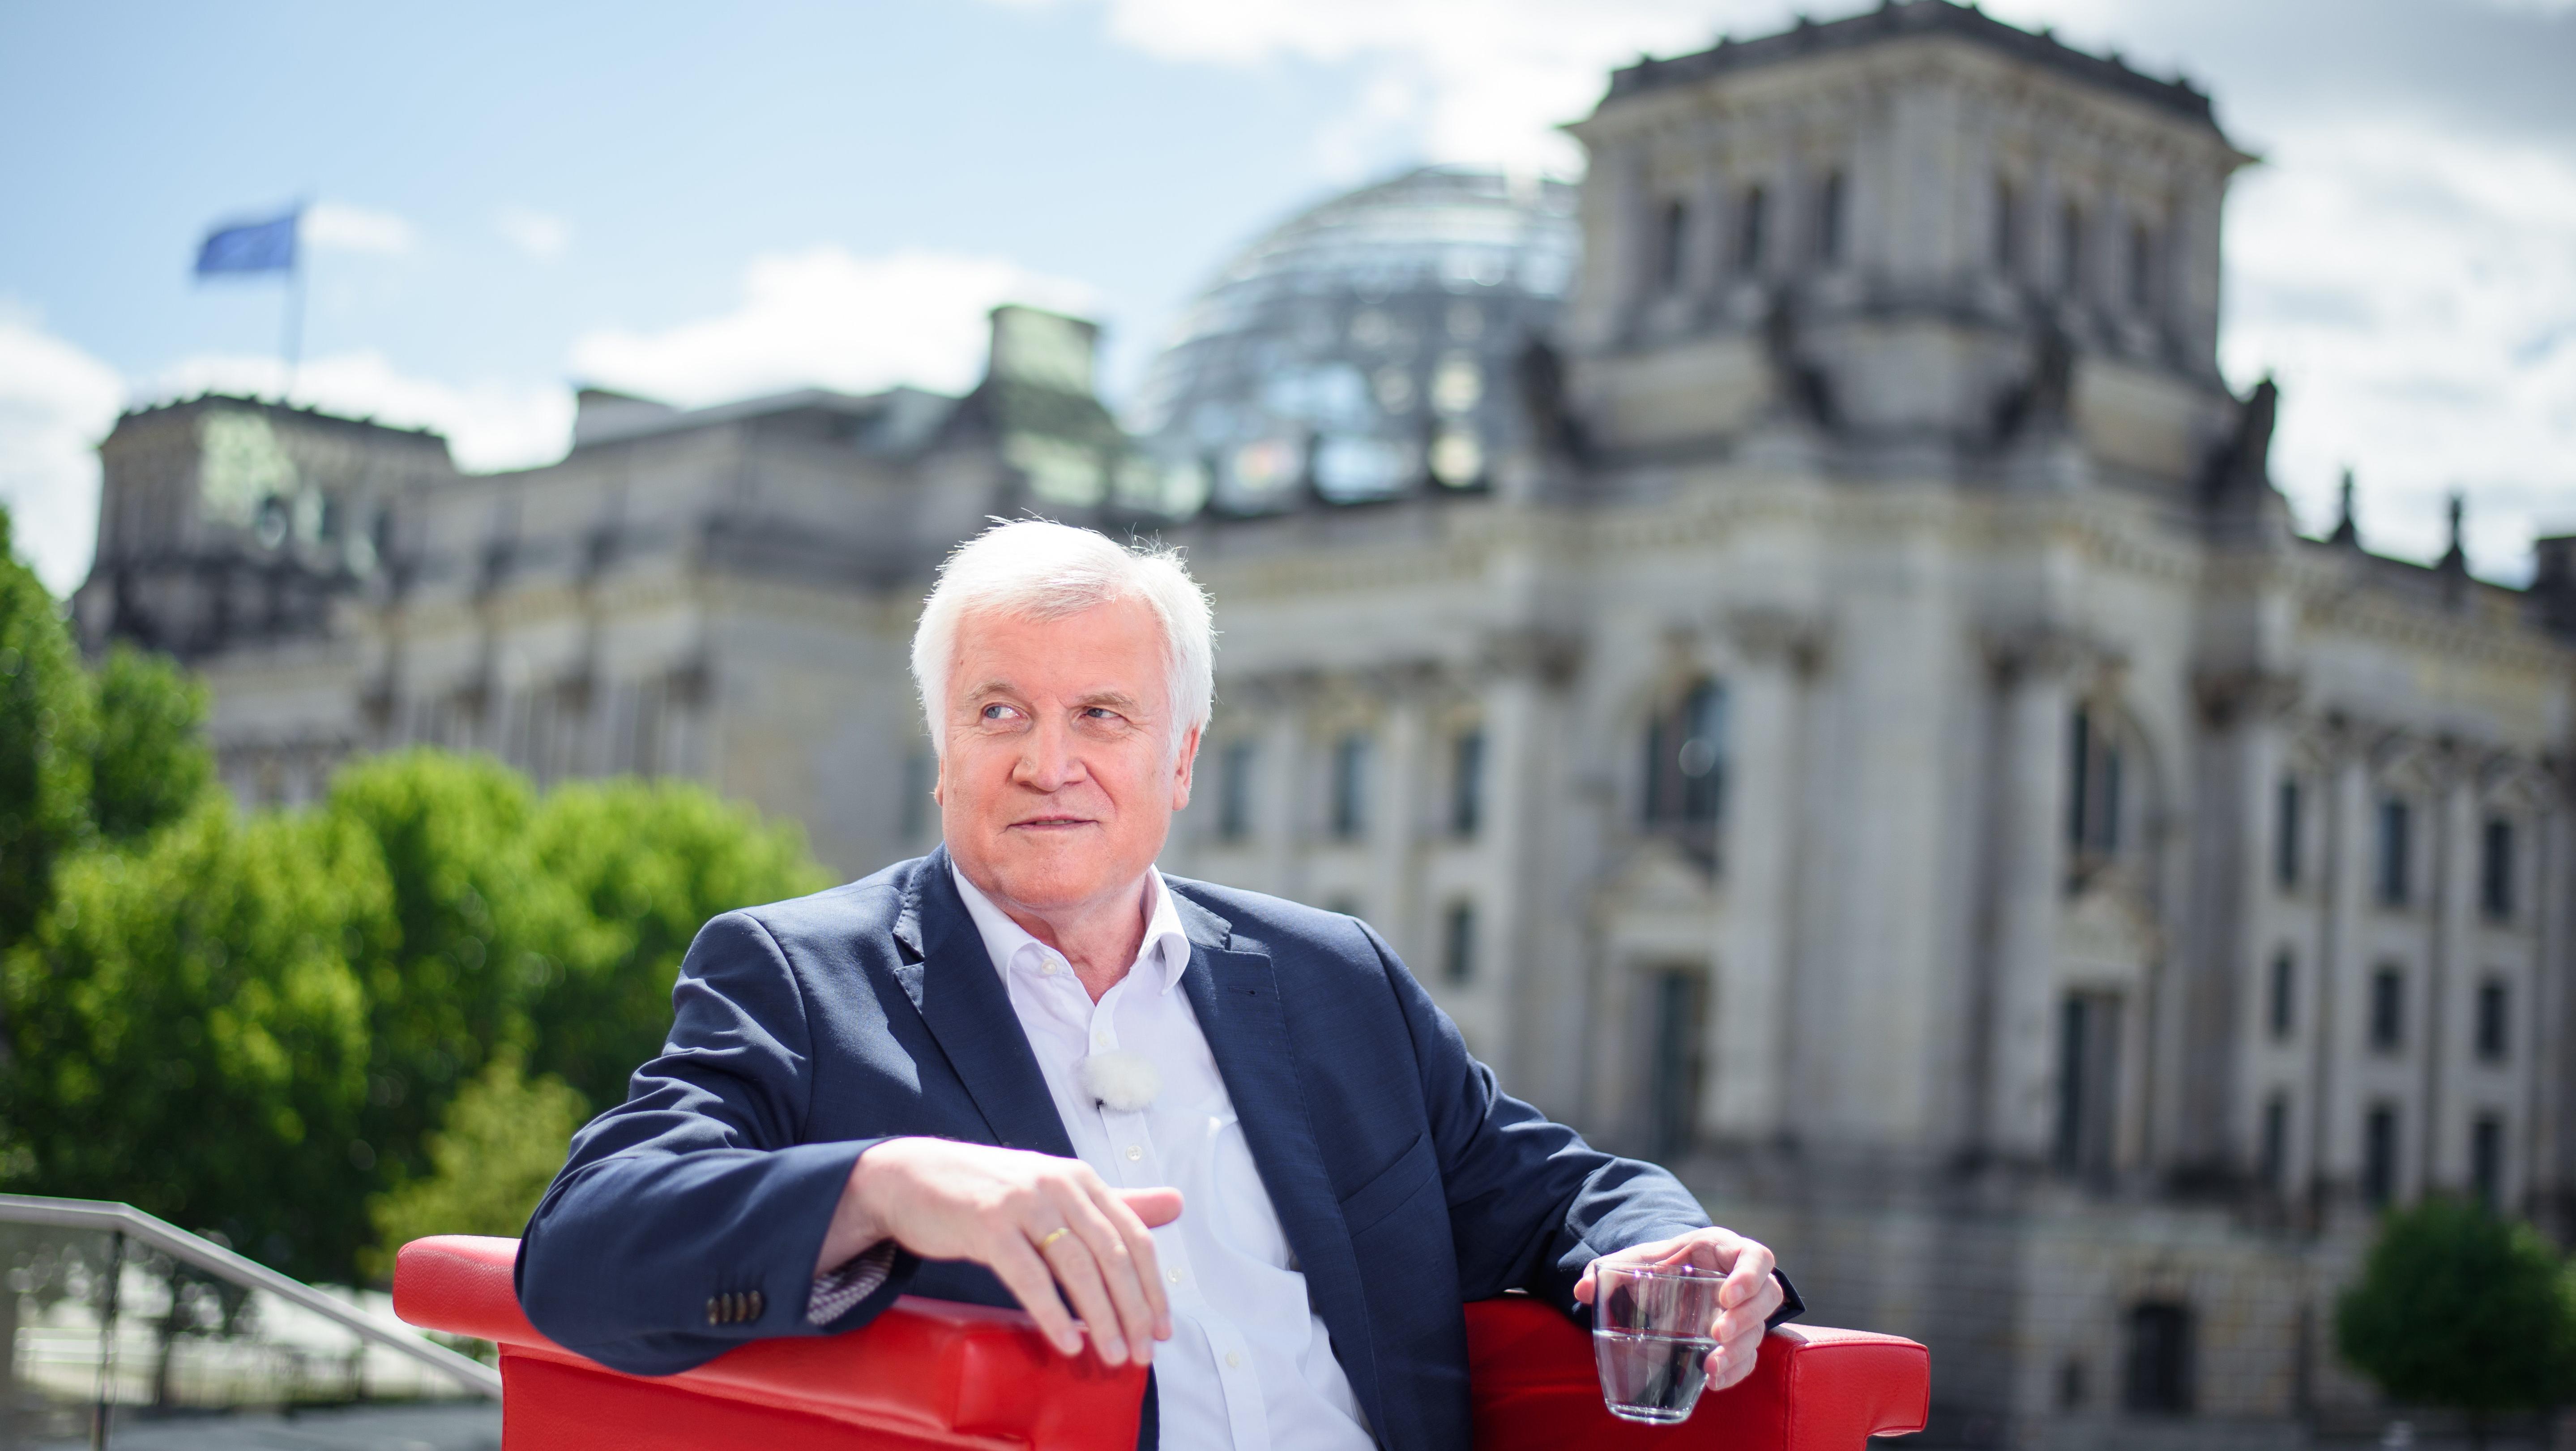 Horst Seehofer auf einem roten Sessel